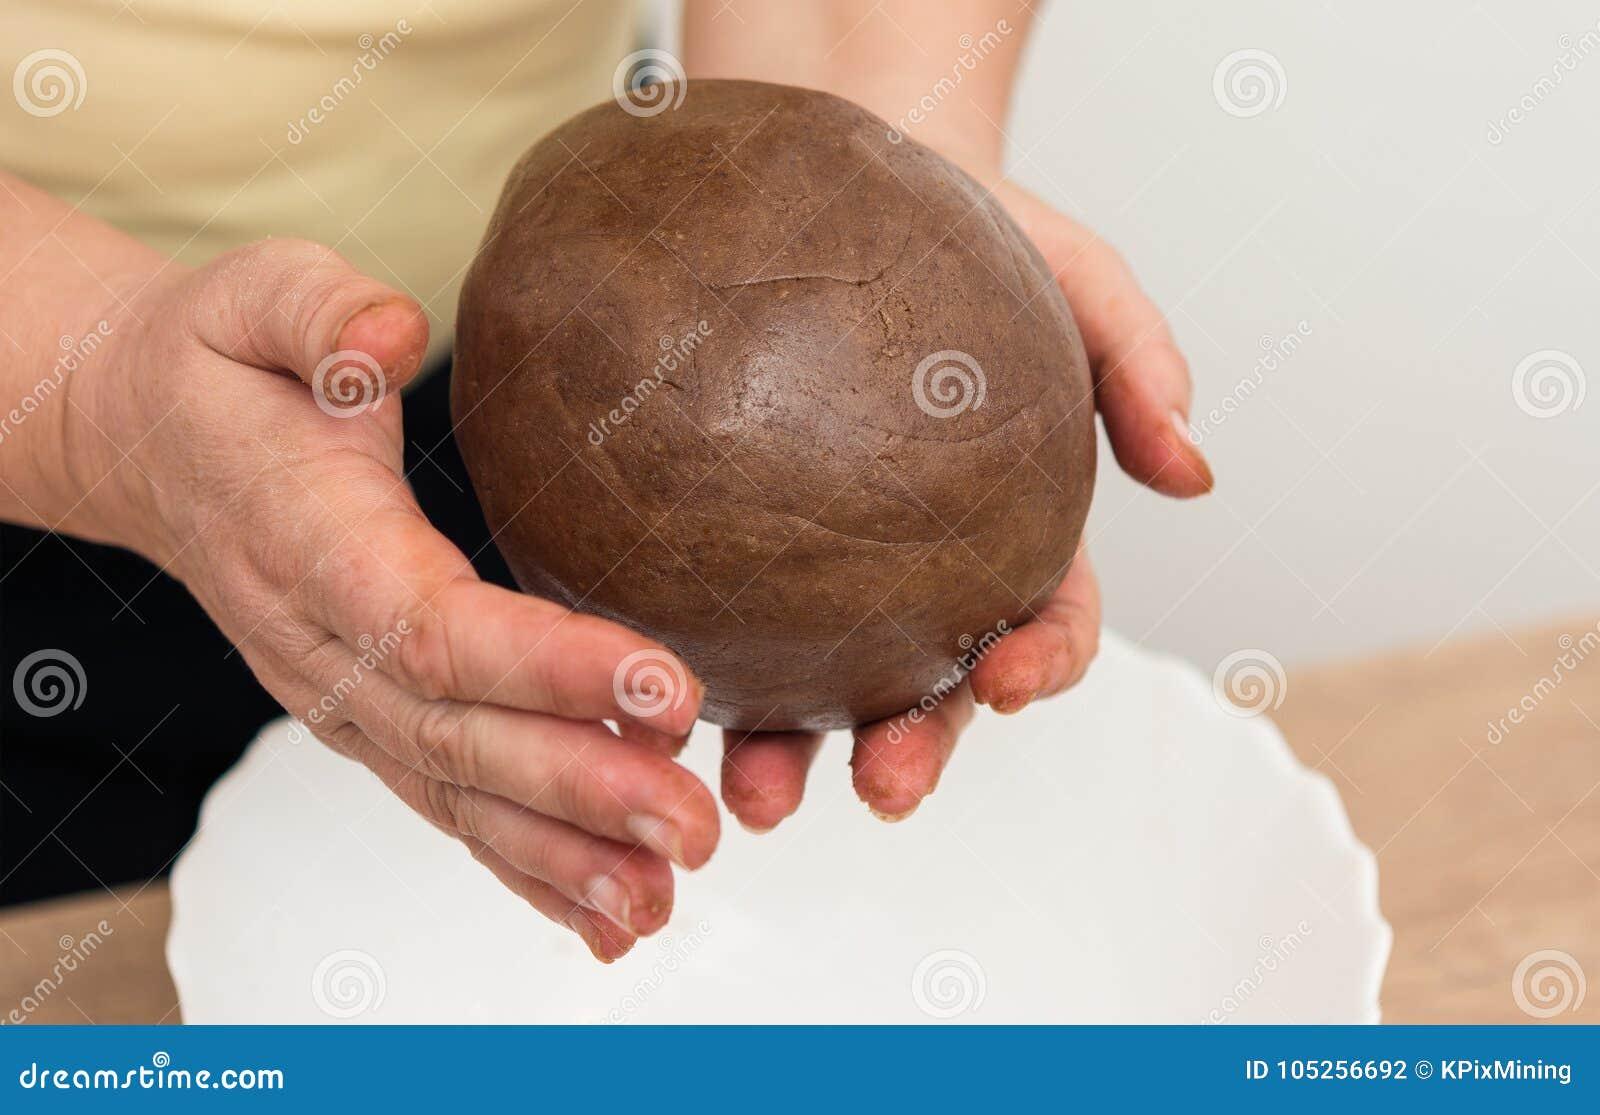 女性手特写镜头,当揉棕色面团时球